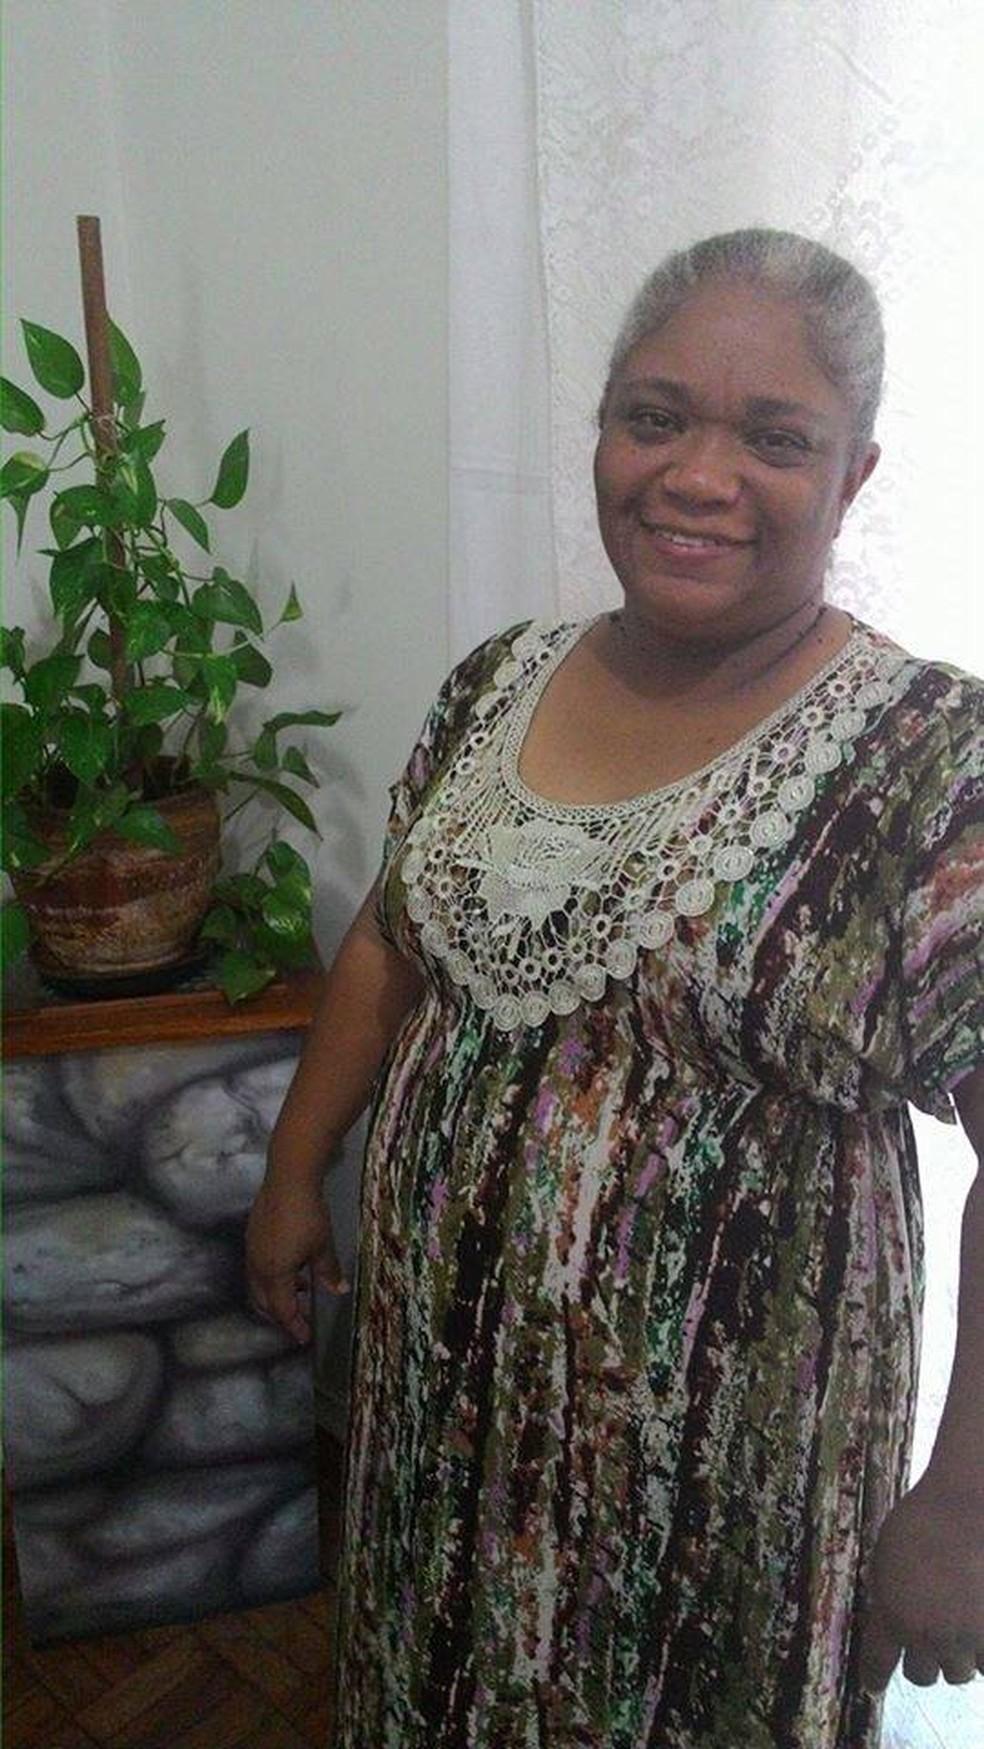 Roseli Silva Barbosa, de 53 anos, morava em Presidente Venceslau — Foto: Facebook/Reprodução